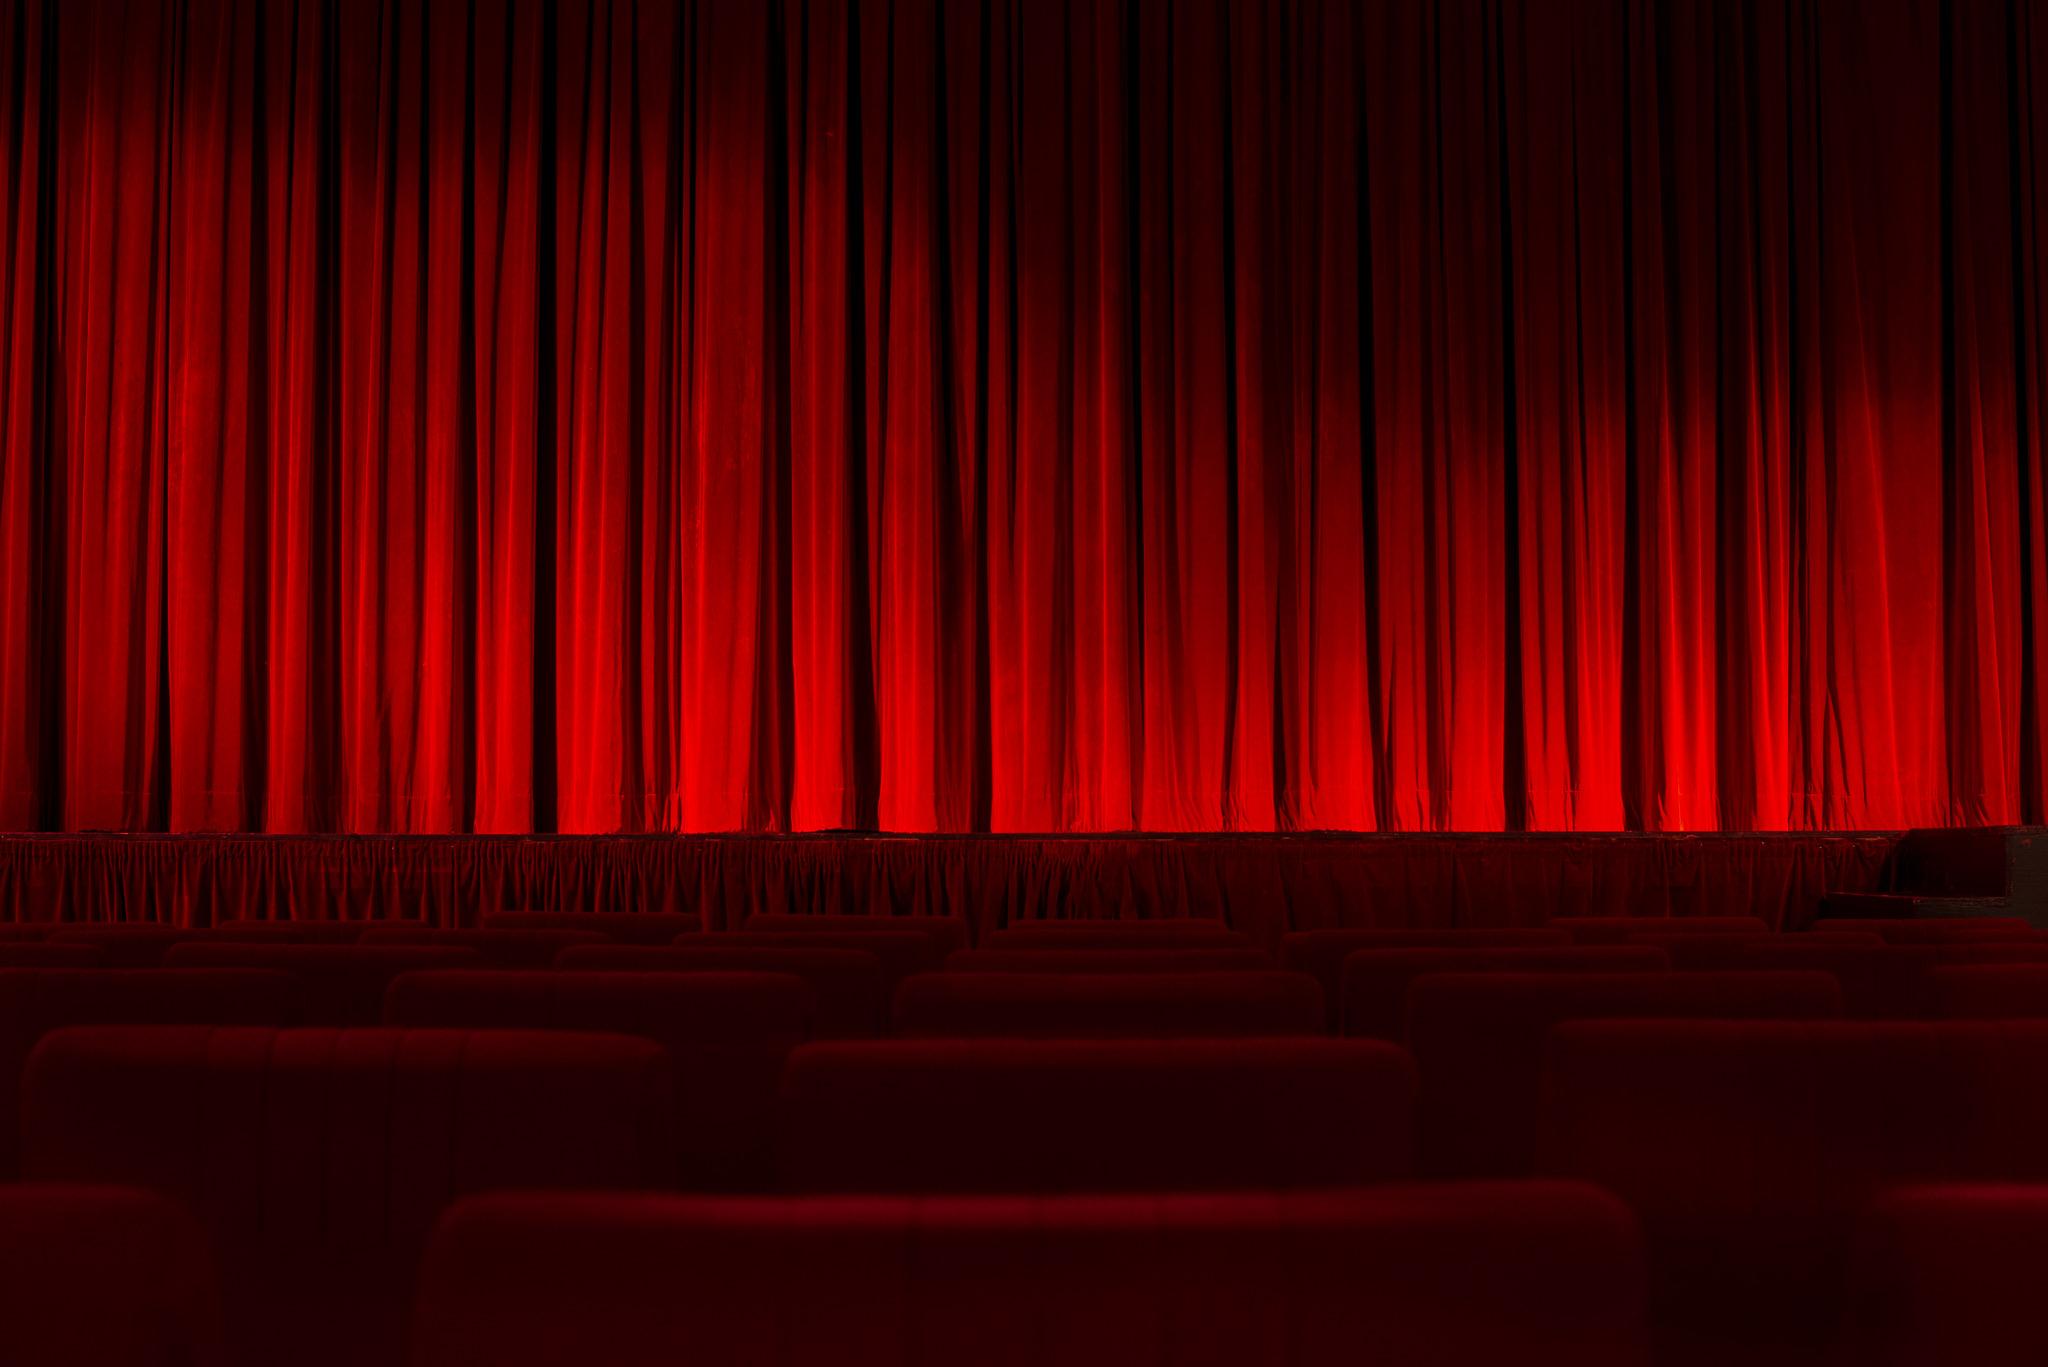 avoca theatre curtains